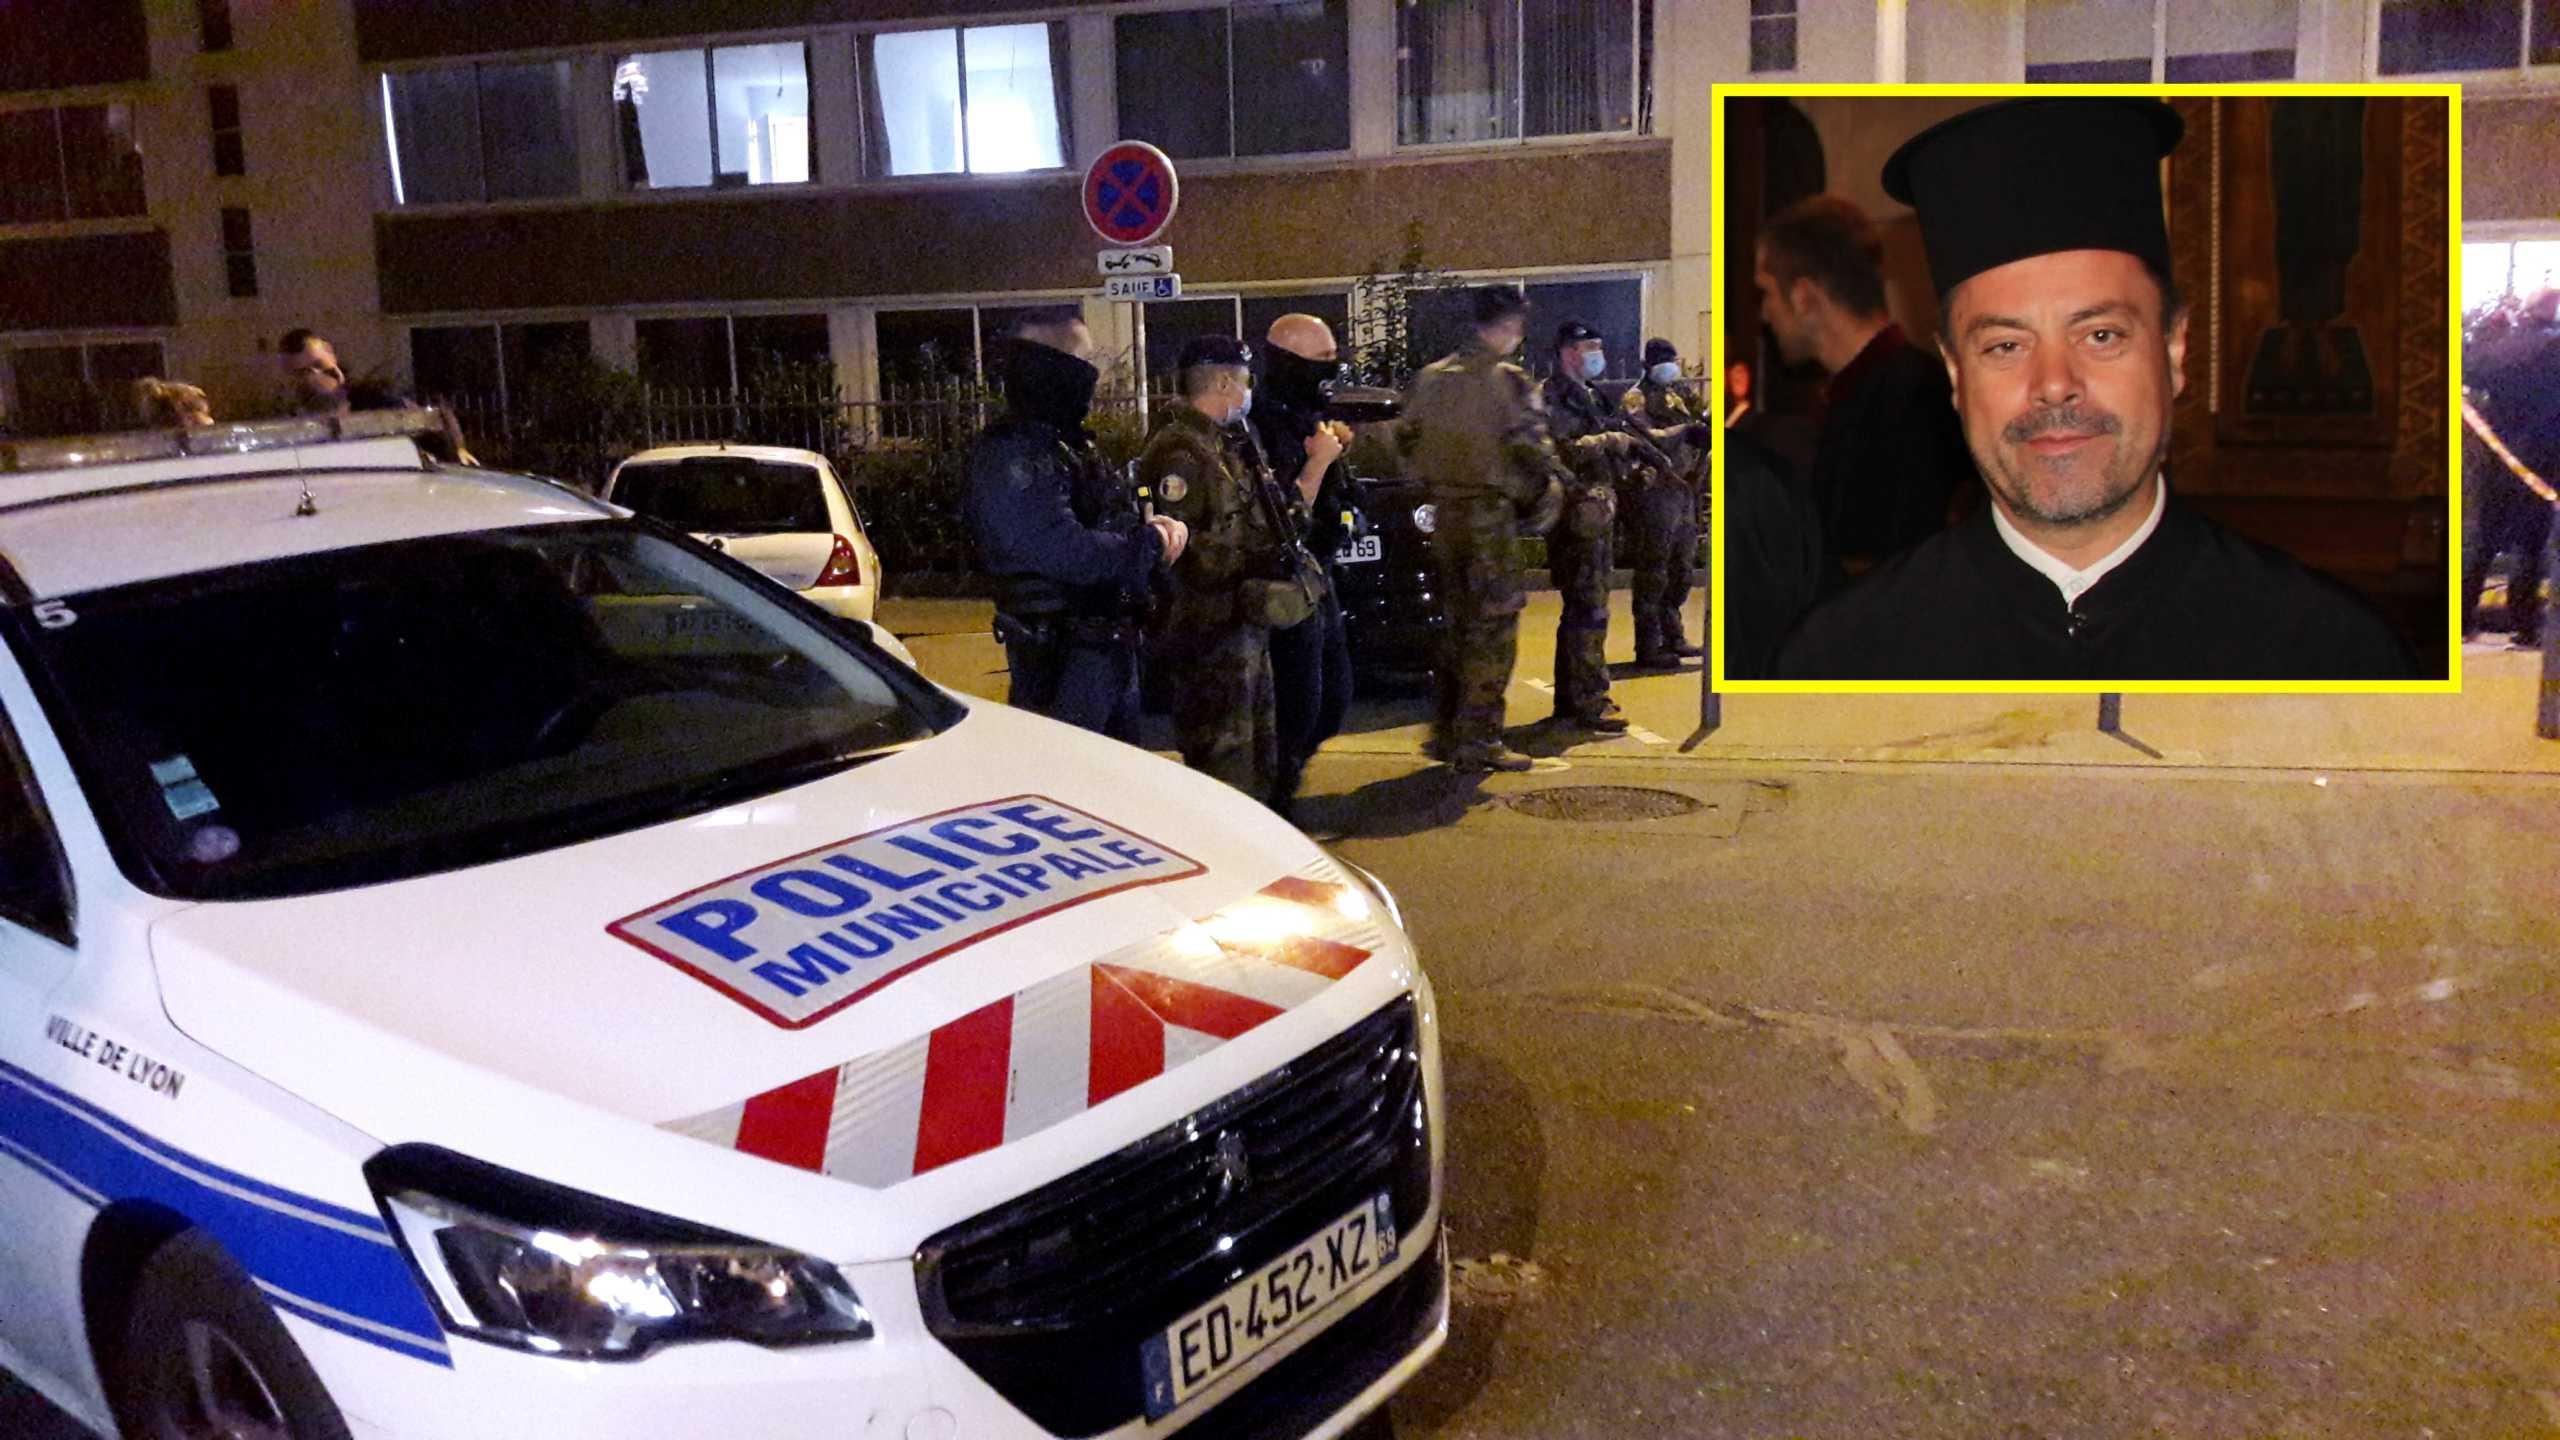 Άλυτο μυστήριο η επίθεση στον ελληνορθόδοξο ιερέα στη Λιόν! Ελεύθερος ο άστεγος που είχε συλληφθεί